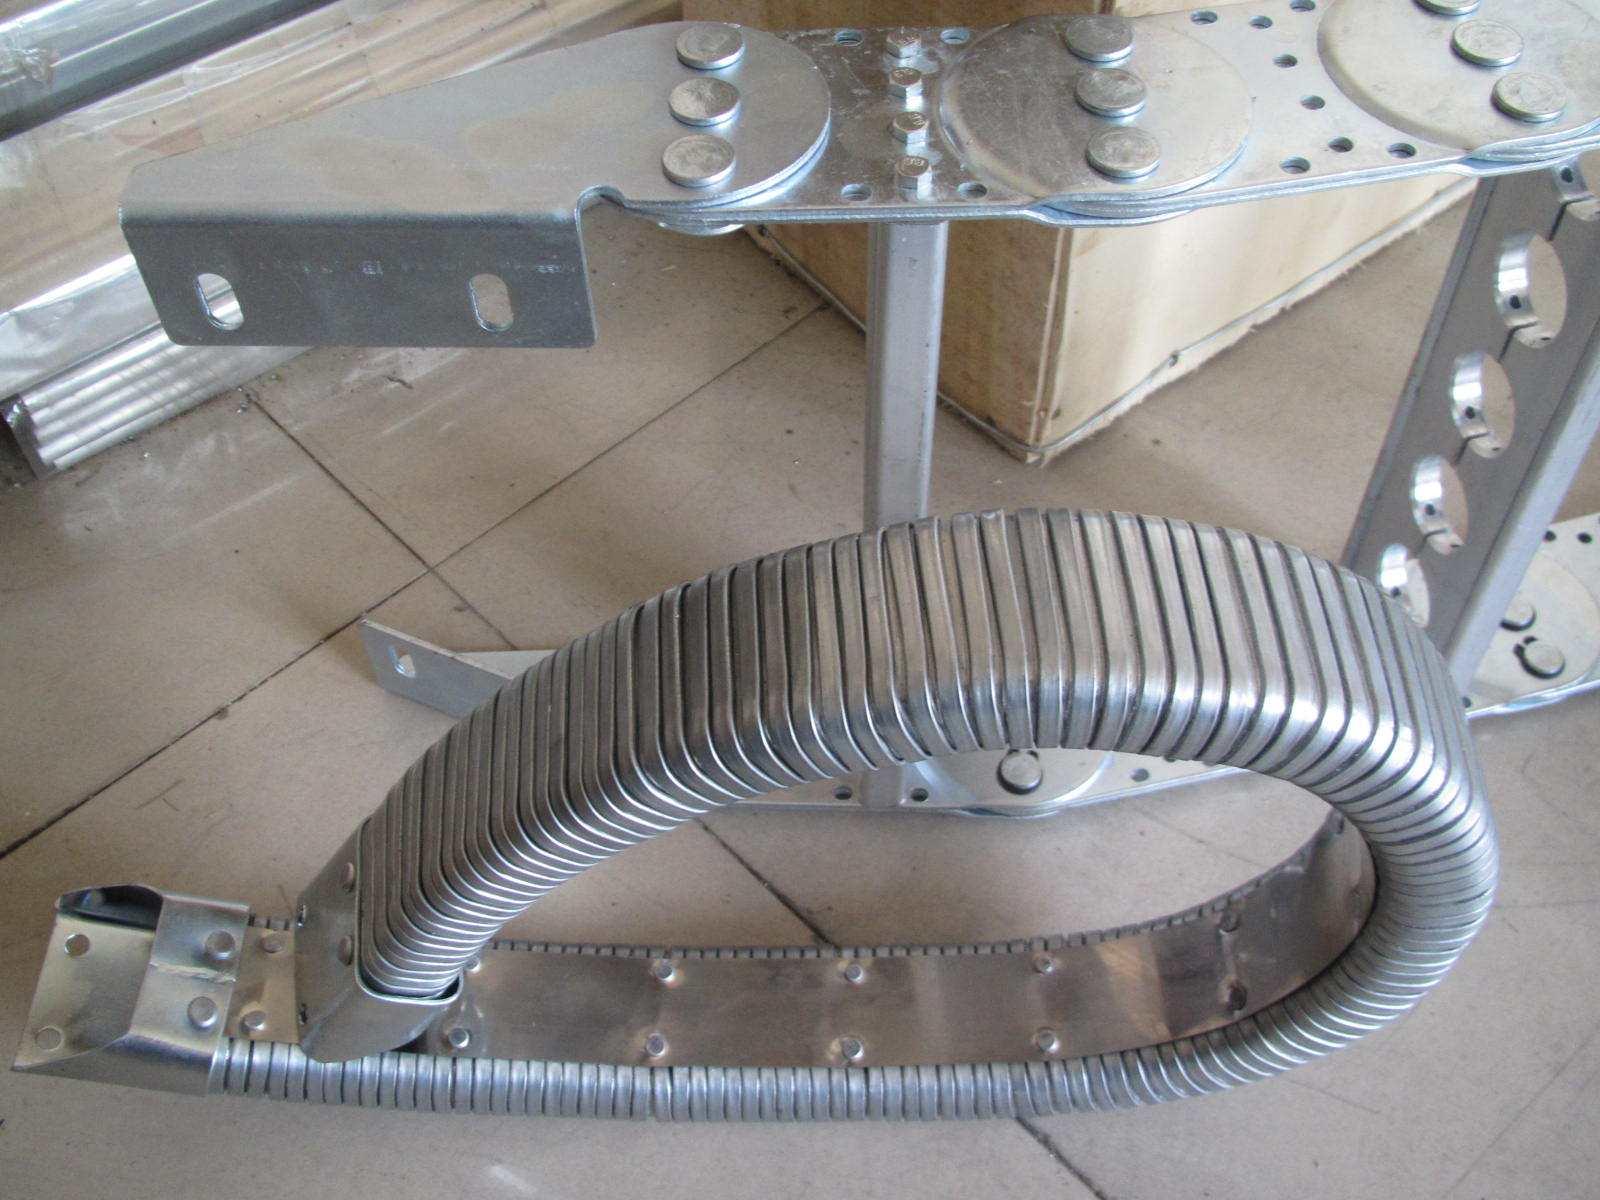 钢制拖链价格_机床工程钢制拖链相关-无锡美信数控机床附件制造有限公司